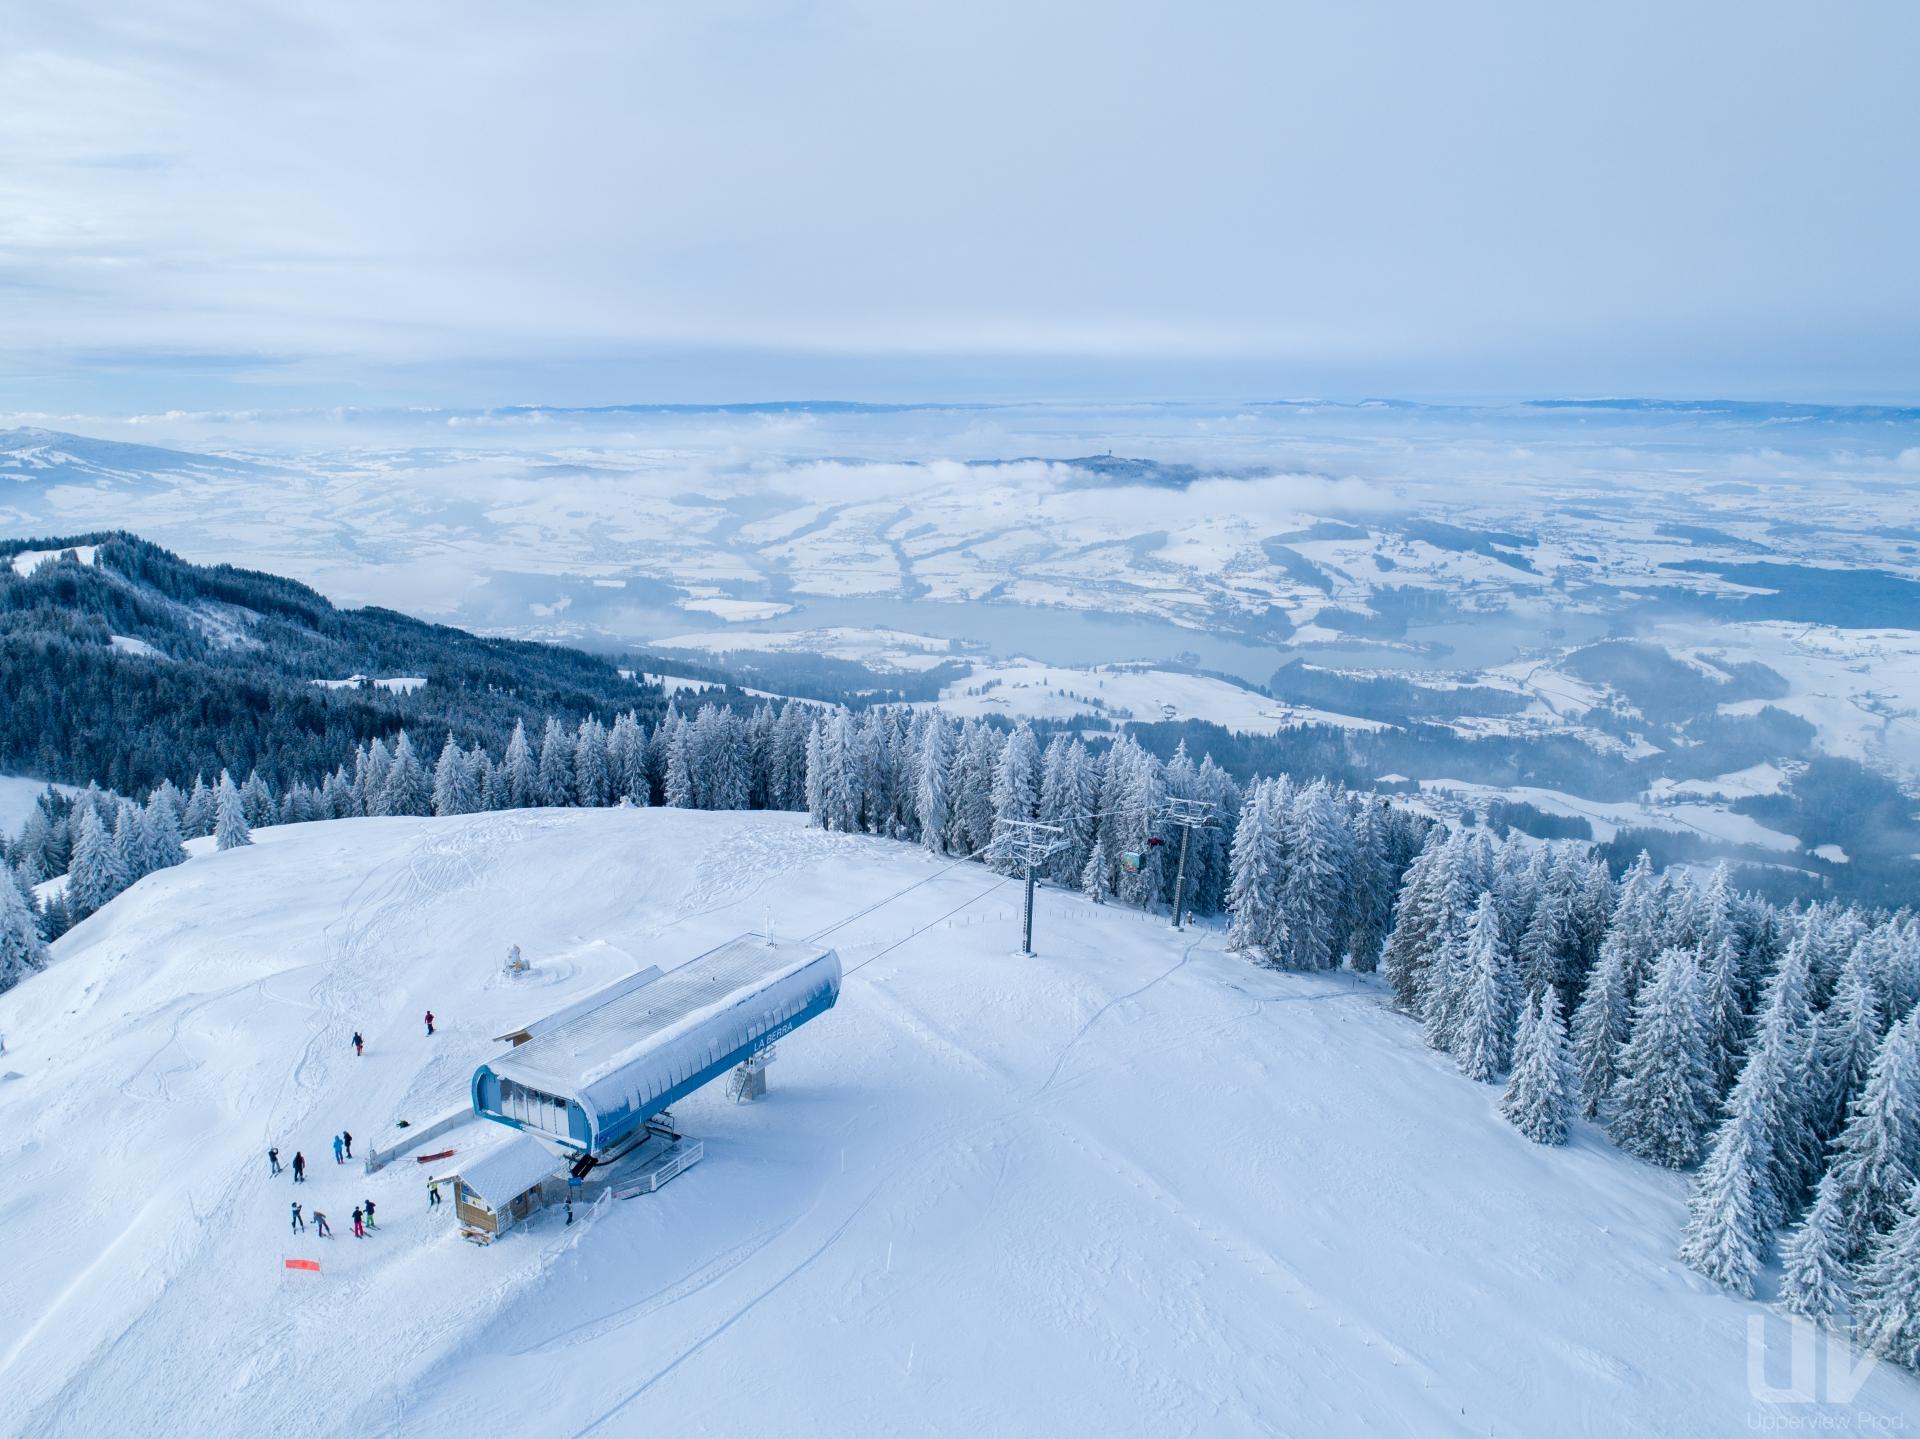 Les meilleures patinoires de Suisse romande - Chemin de glace à La Berra